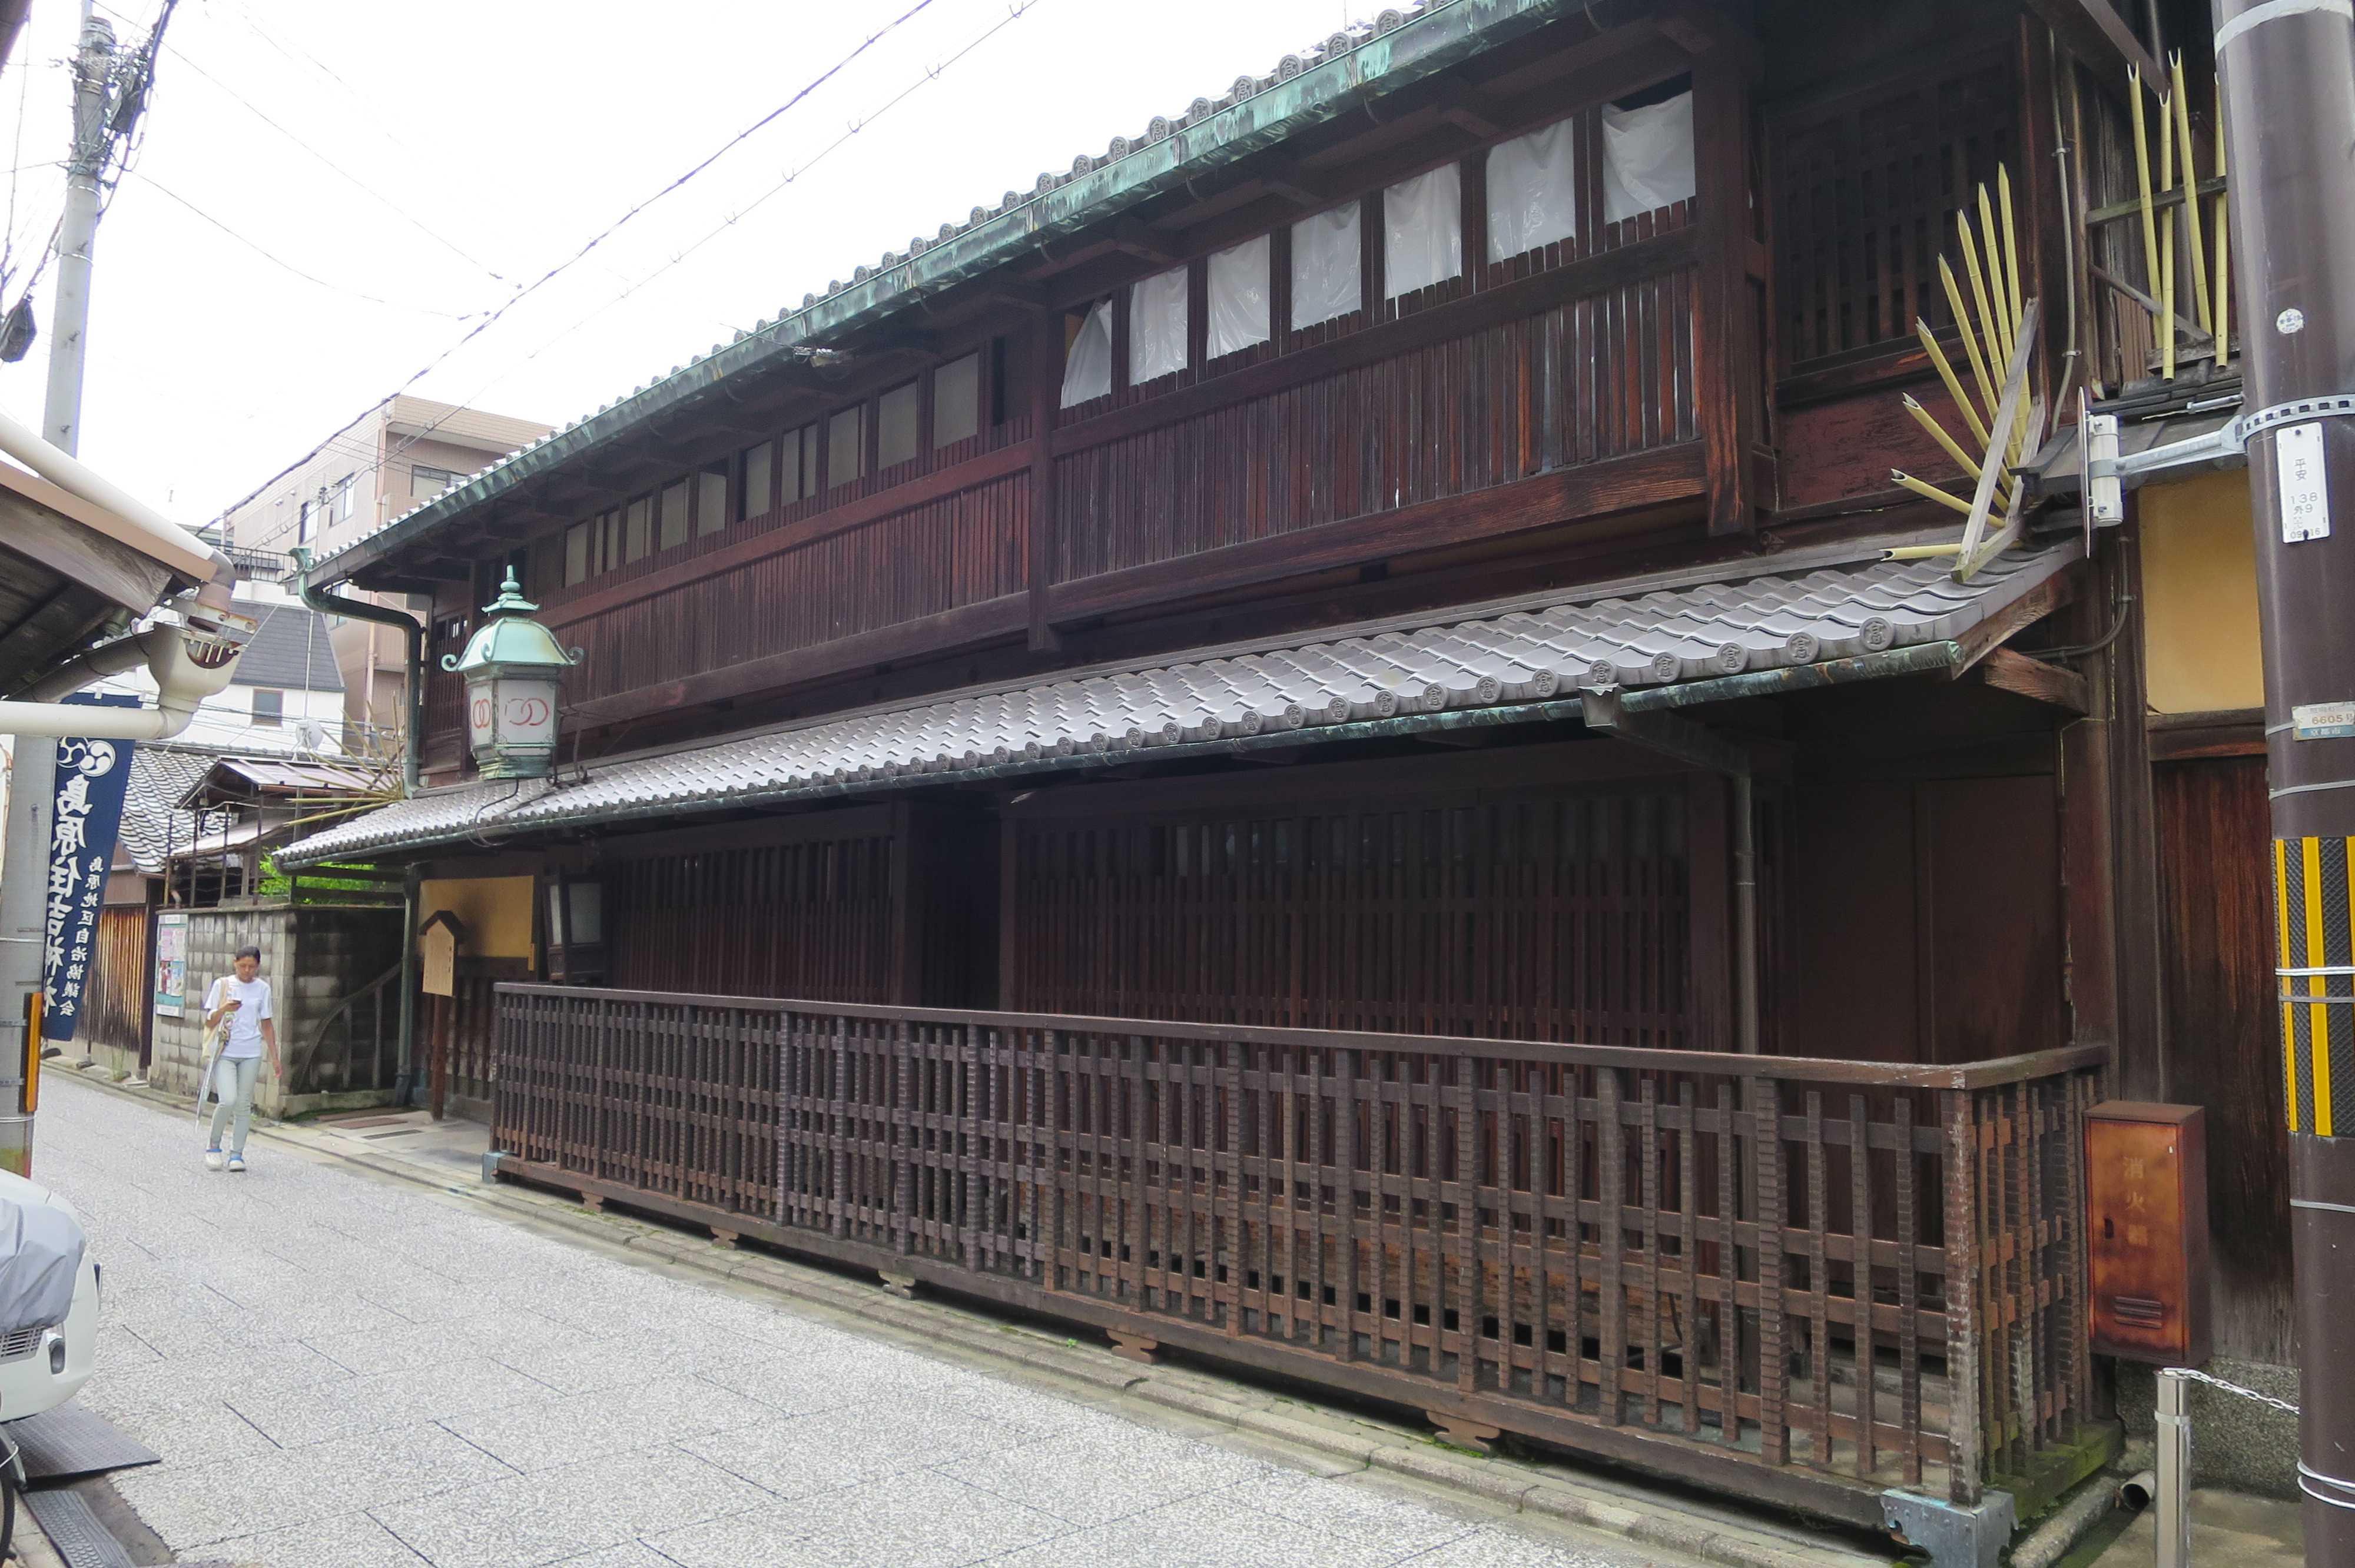 京都 - 置屋建築の輪違屋(わちがいや)